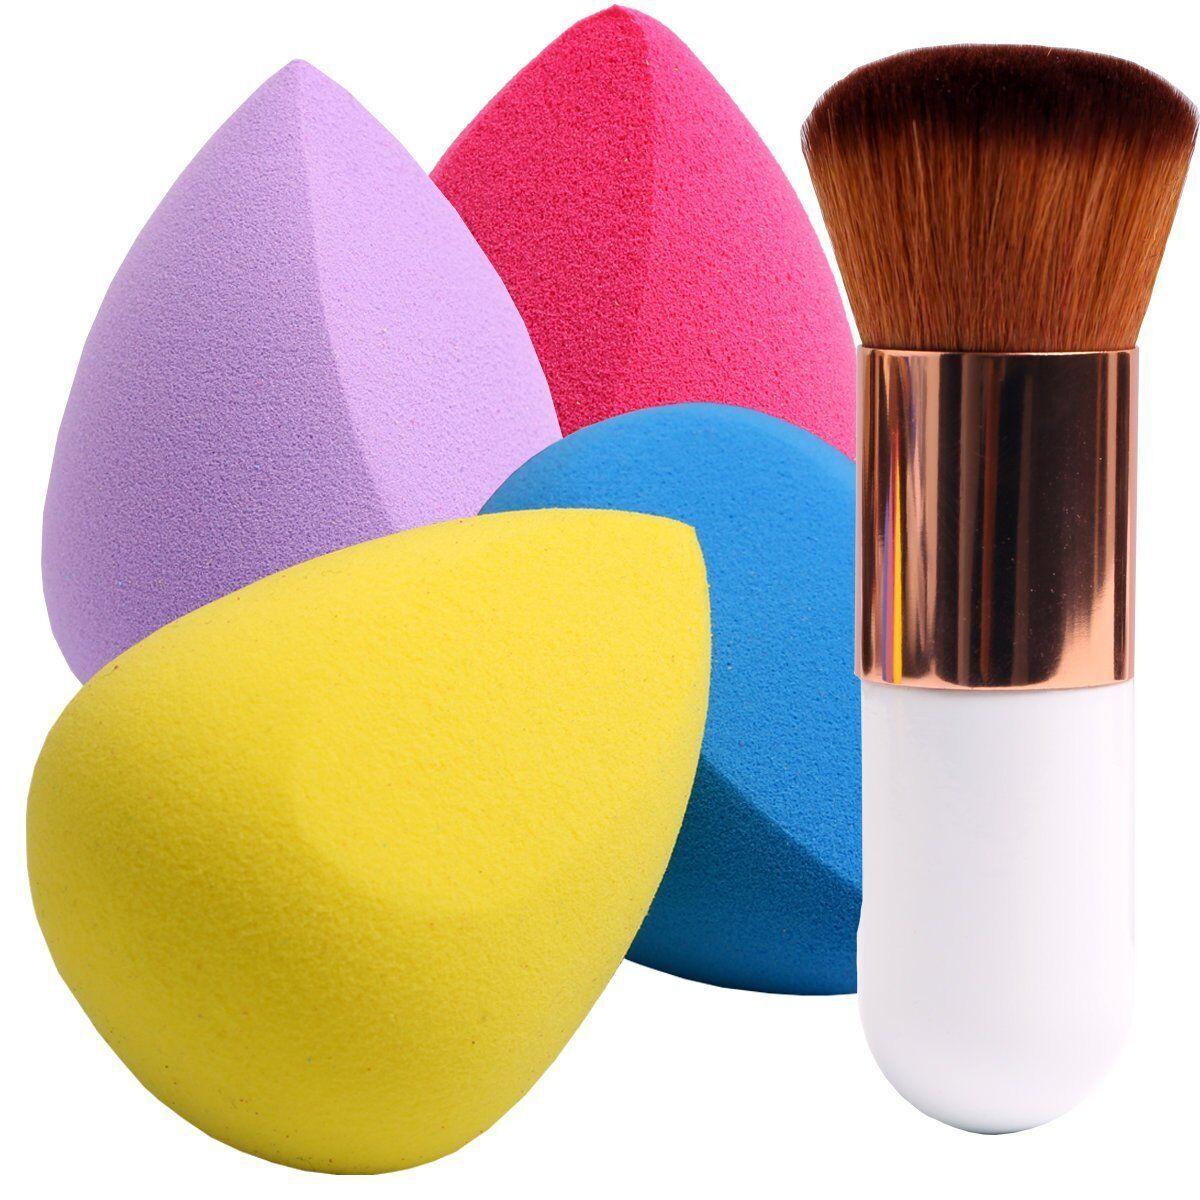 5 Pcs Makeup Sponges with Contour Brush, Professional Beauty Sponge Blender & Face Brush Set $8.18 AC + FS Amazon Prime